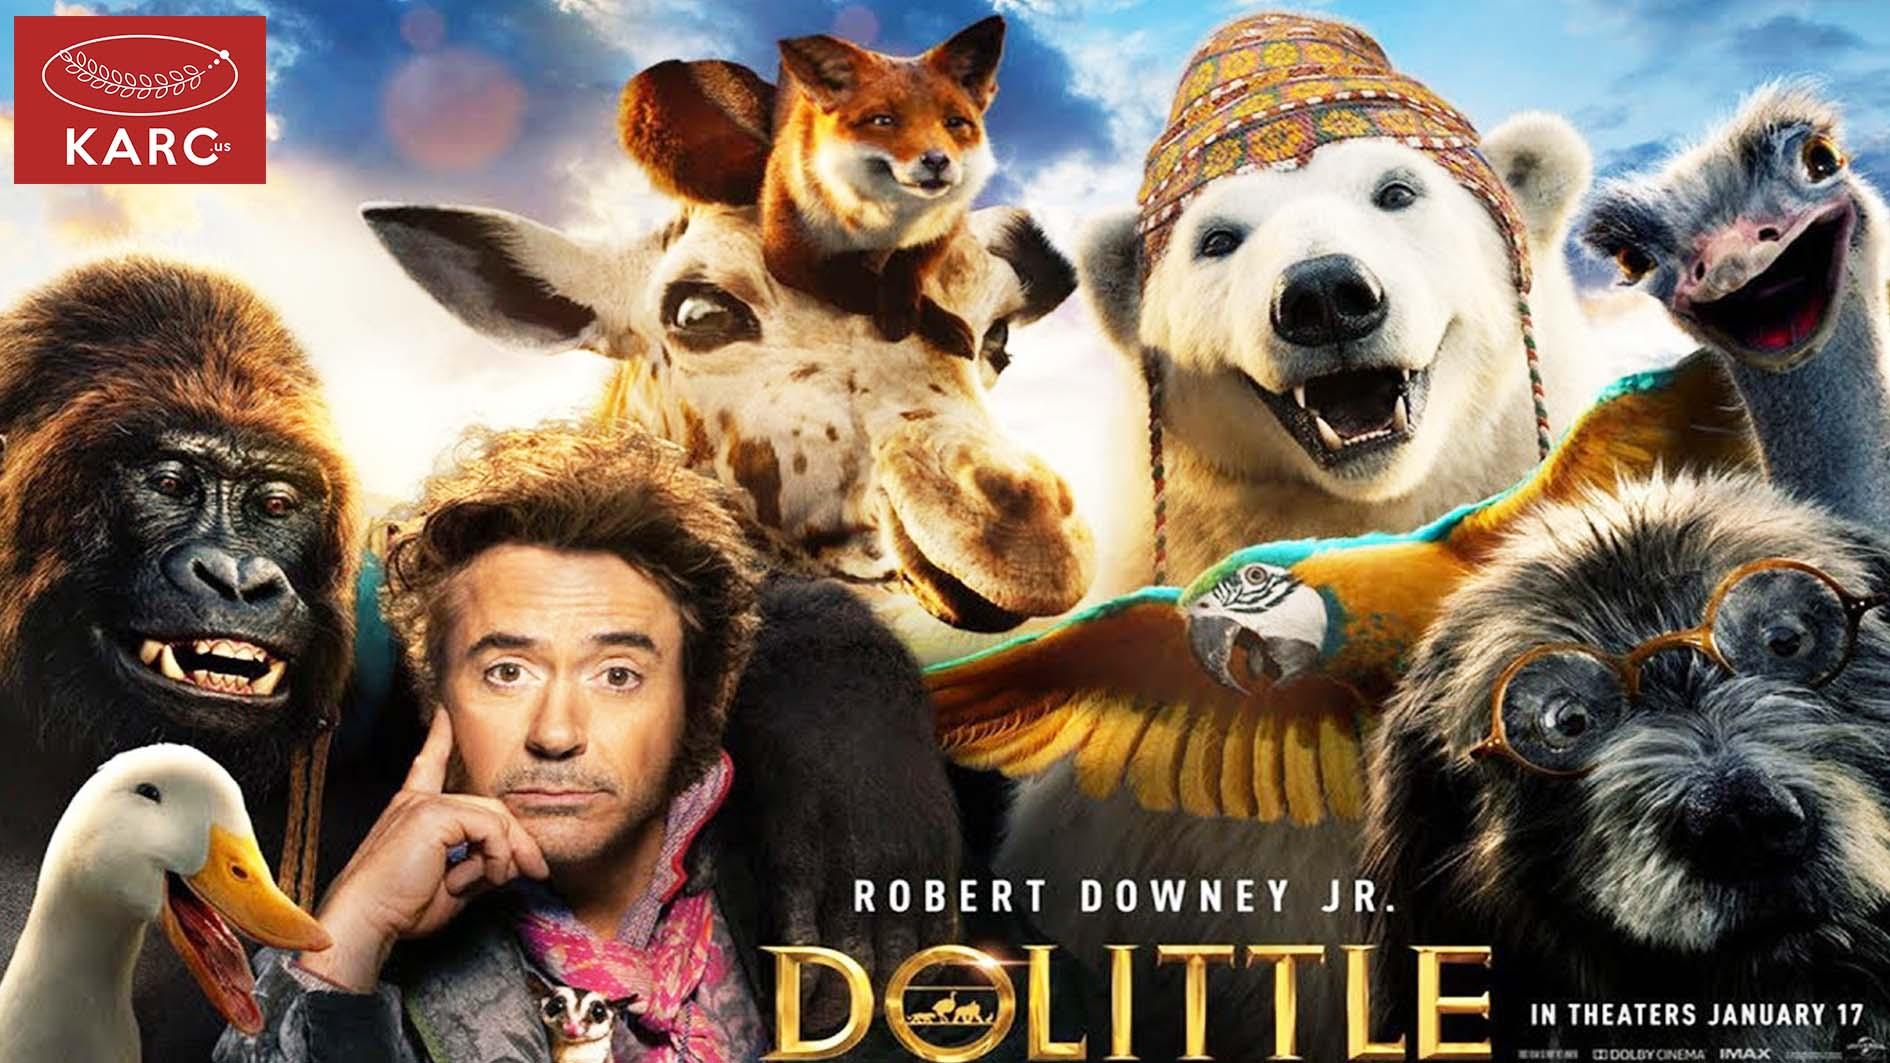 เตรียมพร้อมกับ Dolittle ภายใต้บทบาทการแสดงของ Downey Jr. karc.us , วงการภาพยนต์ , แนะนำหนังดี , แนะนำหนังน่าดูหนังน่าดู , รีวิวหนังใหม่ , ก่อนตายต้องได้ดู! , ข่าวดารา , ข่าวเด่นประเด็นร้อน , รีวิวหนังใหม่ , หนังดังในอดีต